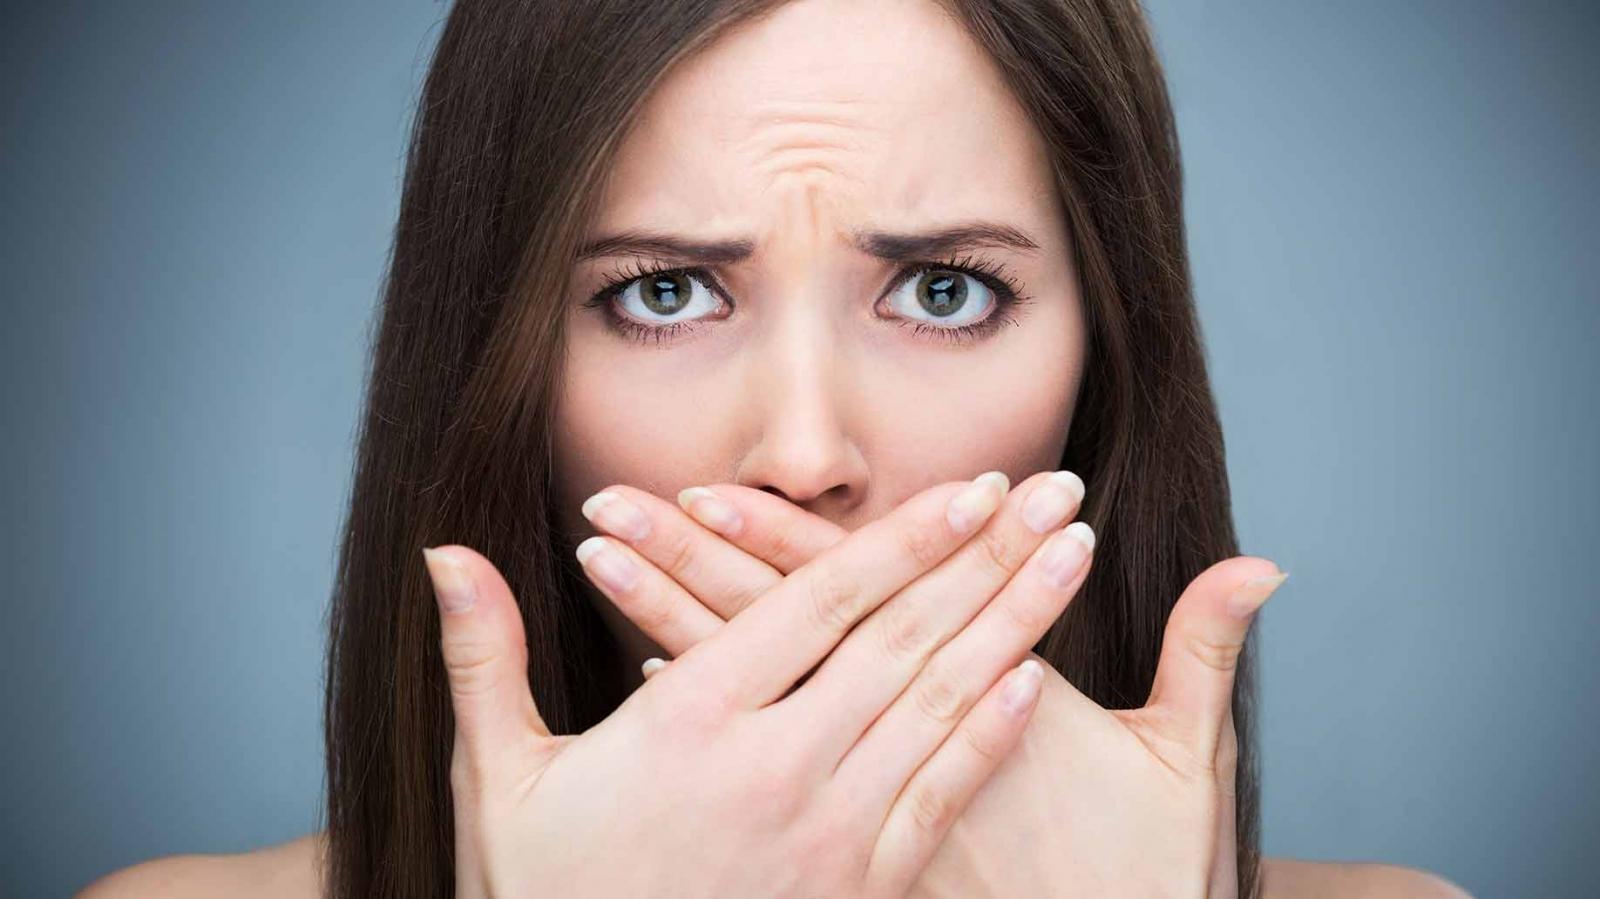 9 راهکار معجزه آسا برای رفع بوی بد دهان